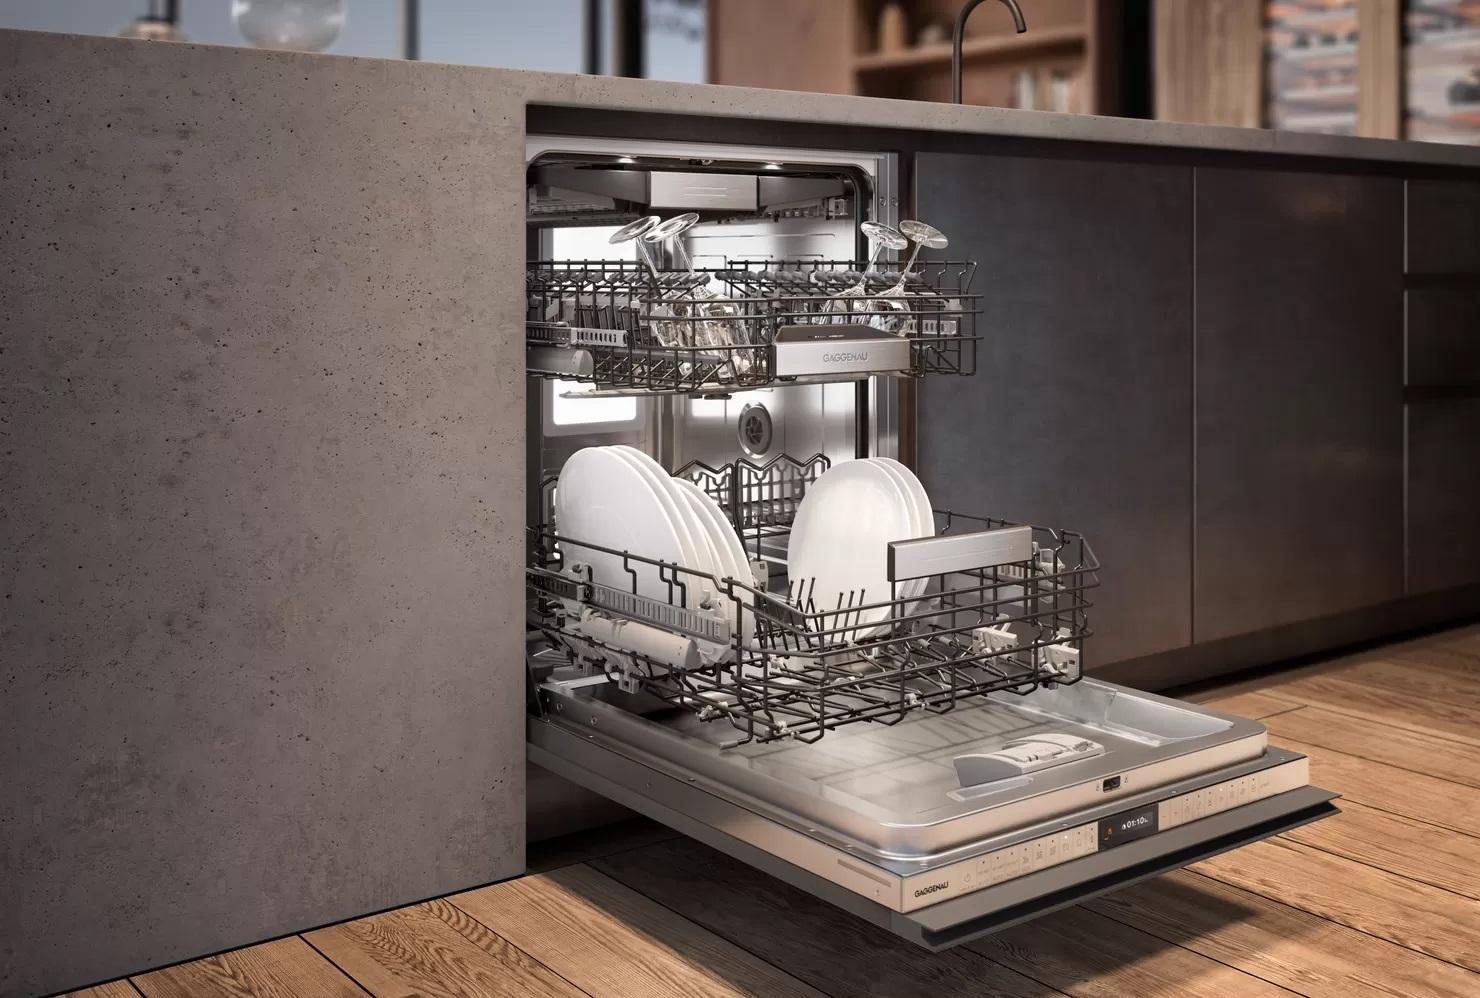 Dishwasher 400 series